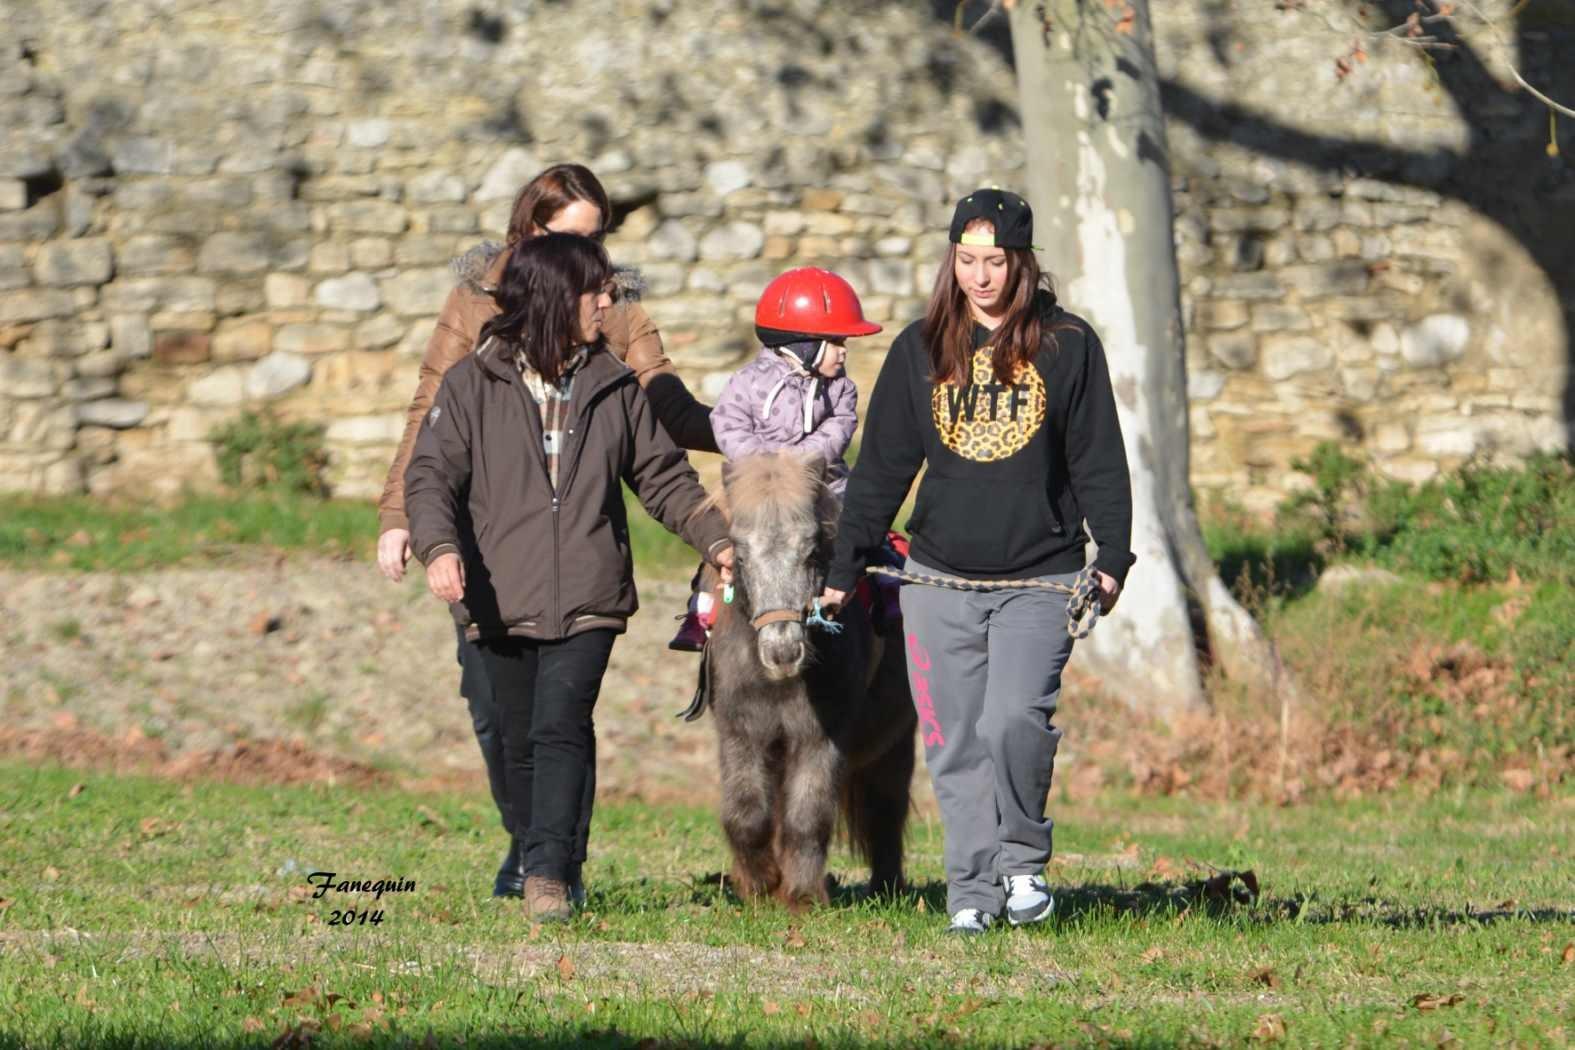 Marchés de Noël 2014 - Promenades en Poneys à Pignan - 04